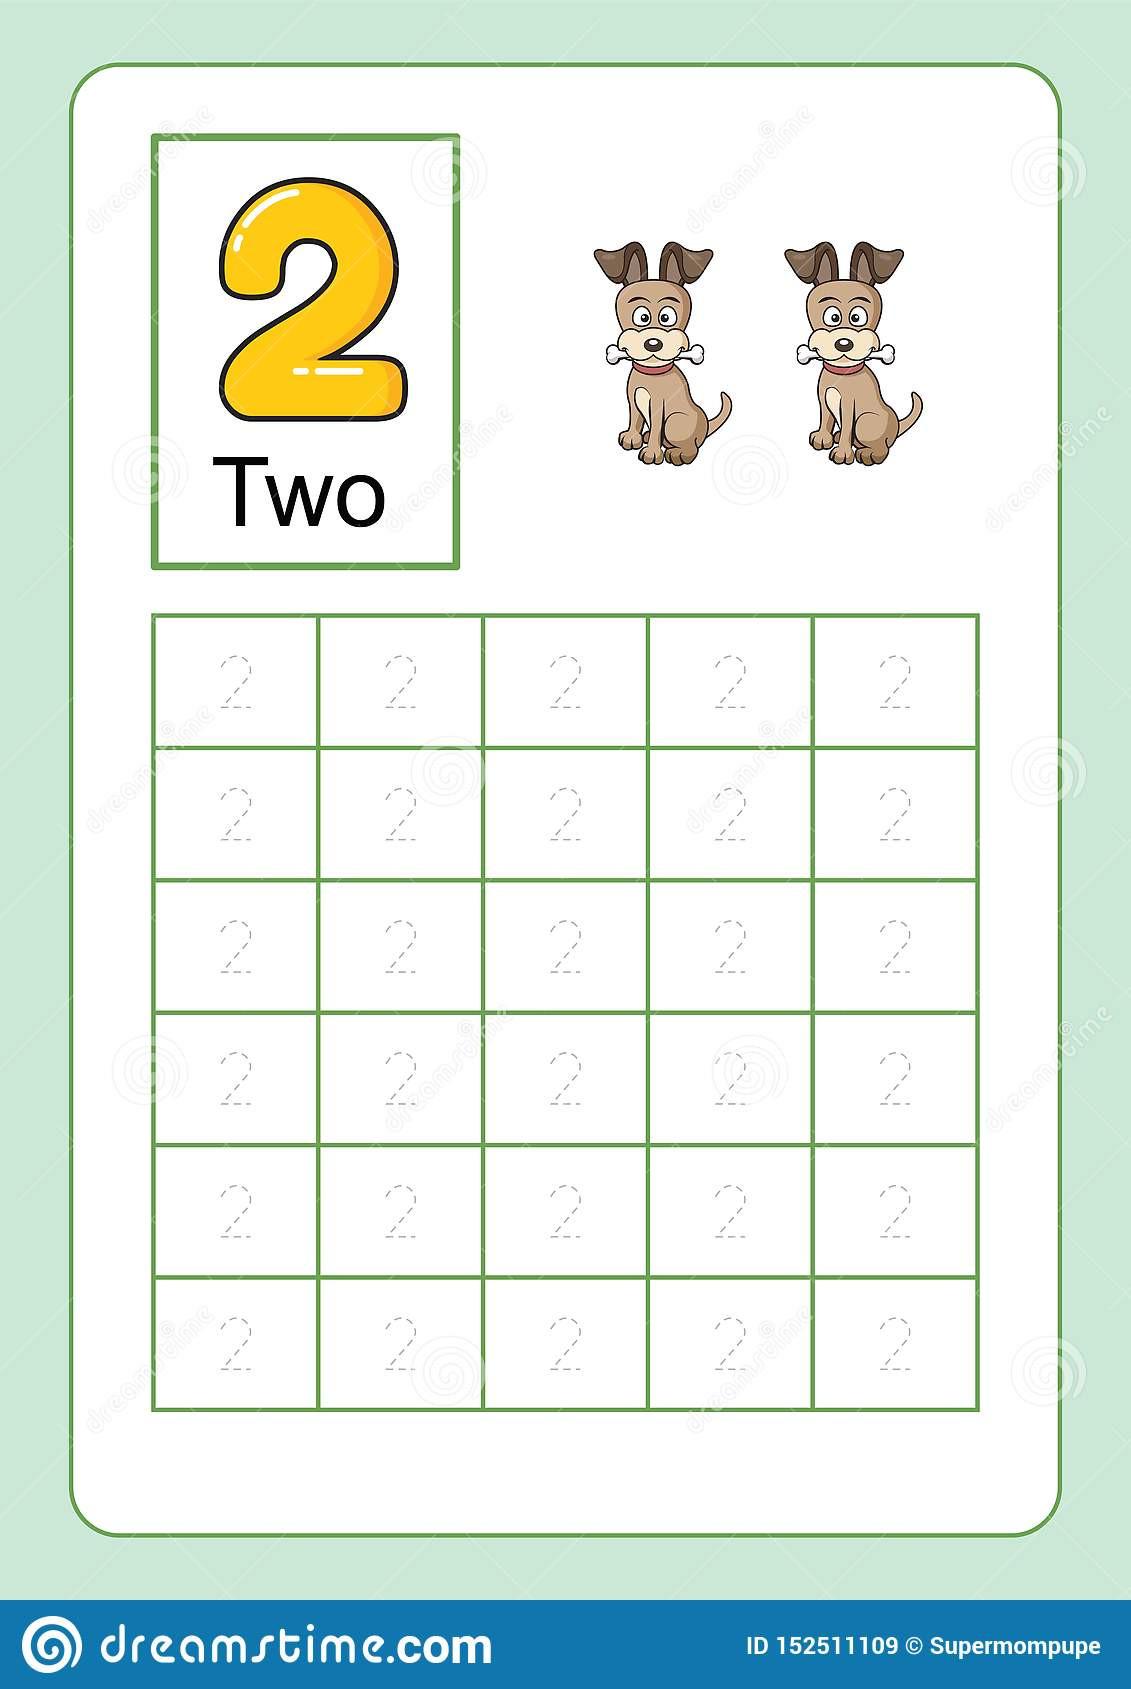 Number Tracing Worksheets for Kindergarten Number Tracing and Writing Tracing Worksheet for